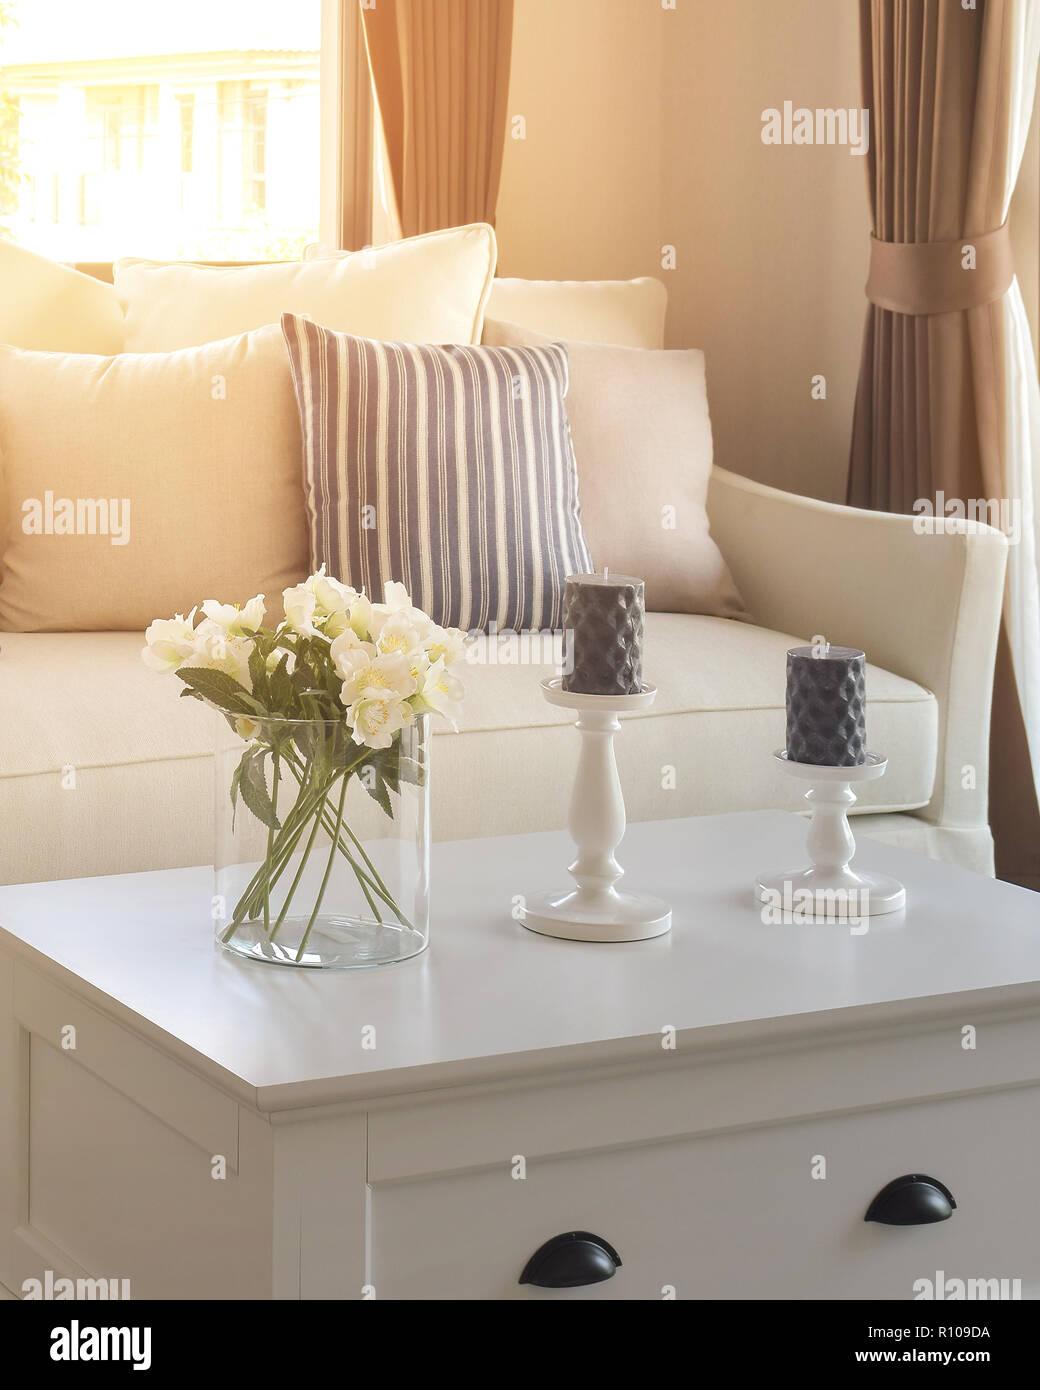 Morgen Tatort Wohnzimmer dekorative mit Glas Vase und blau